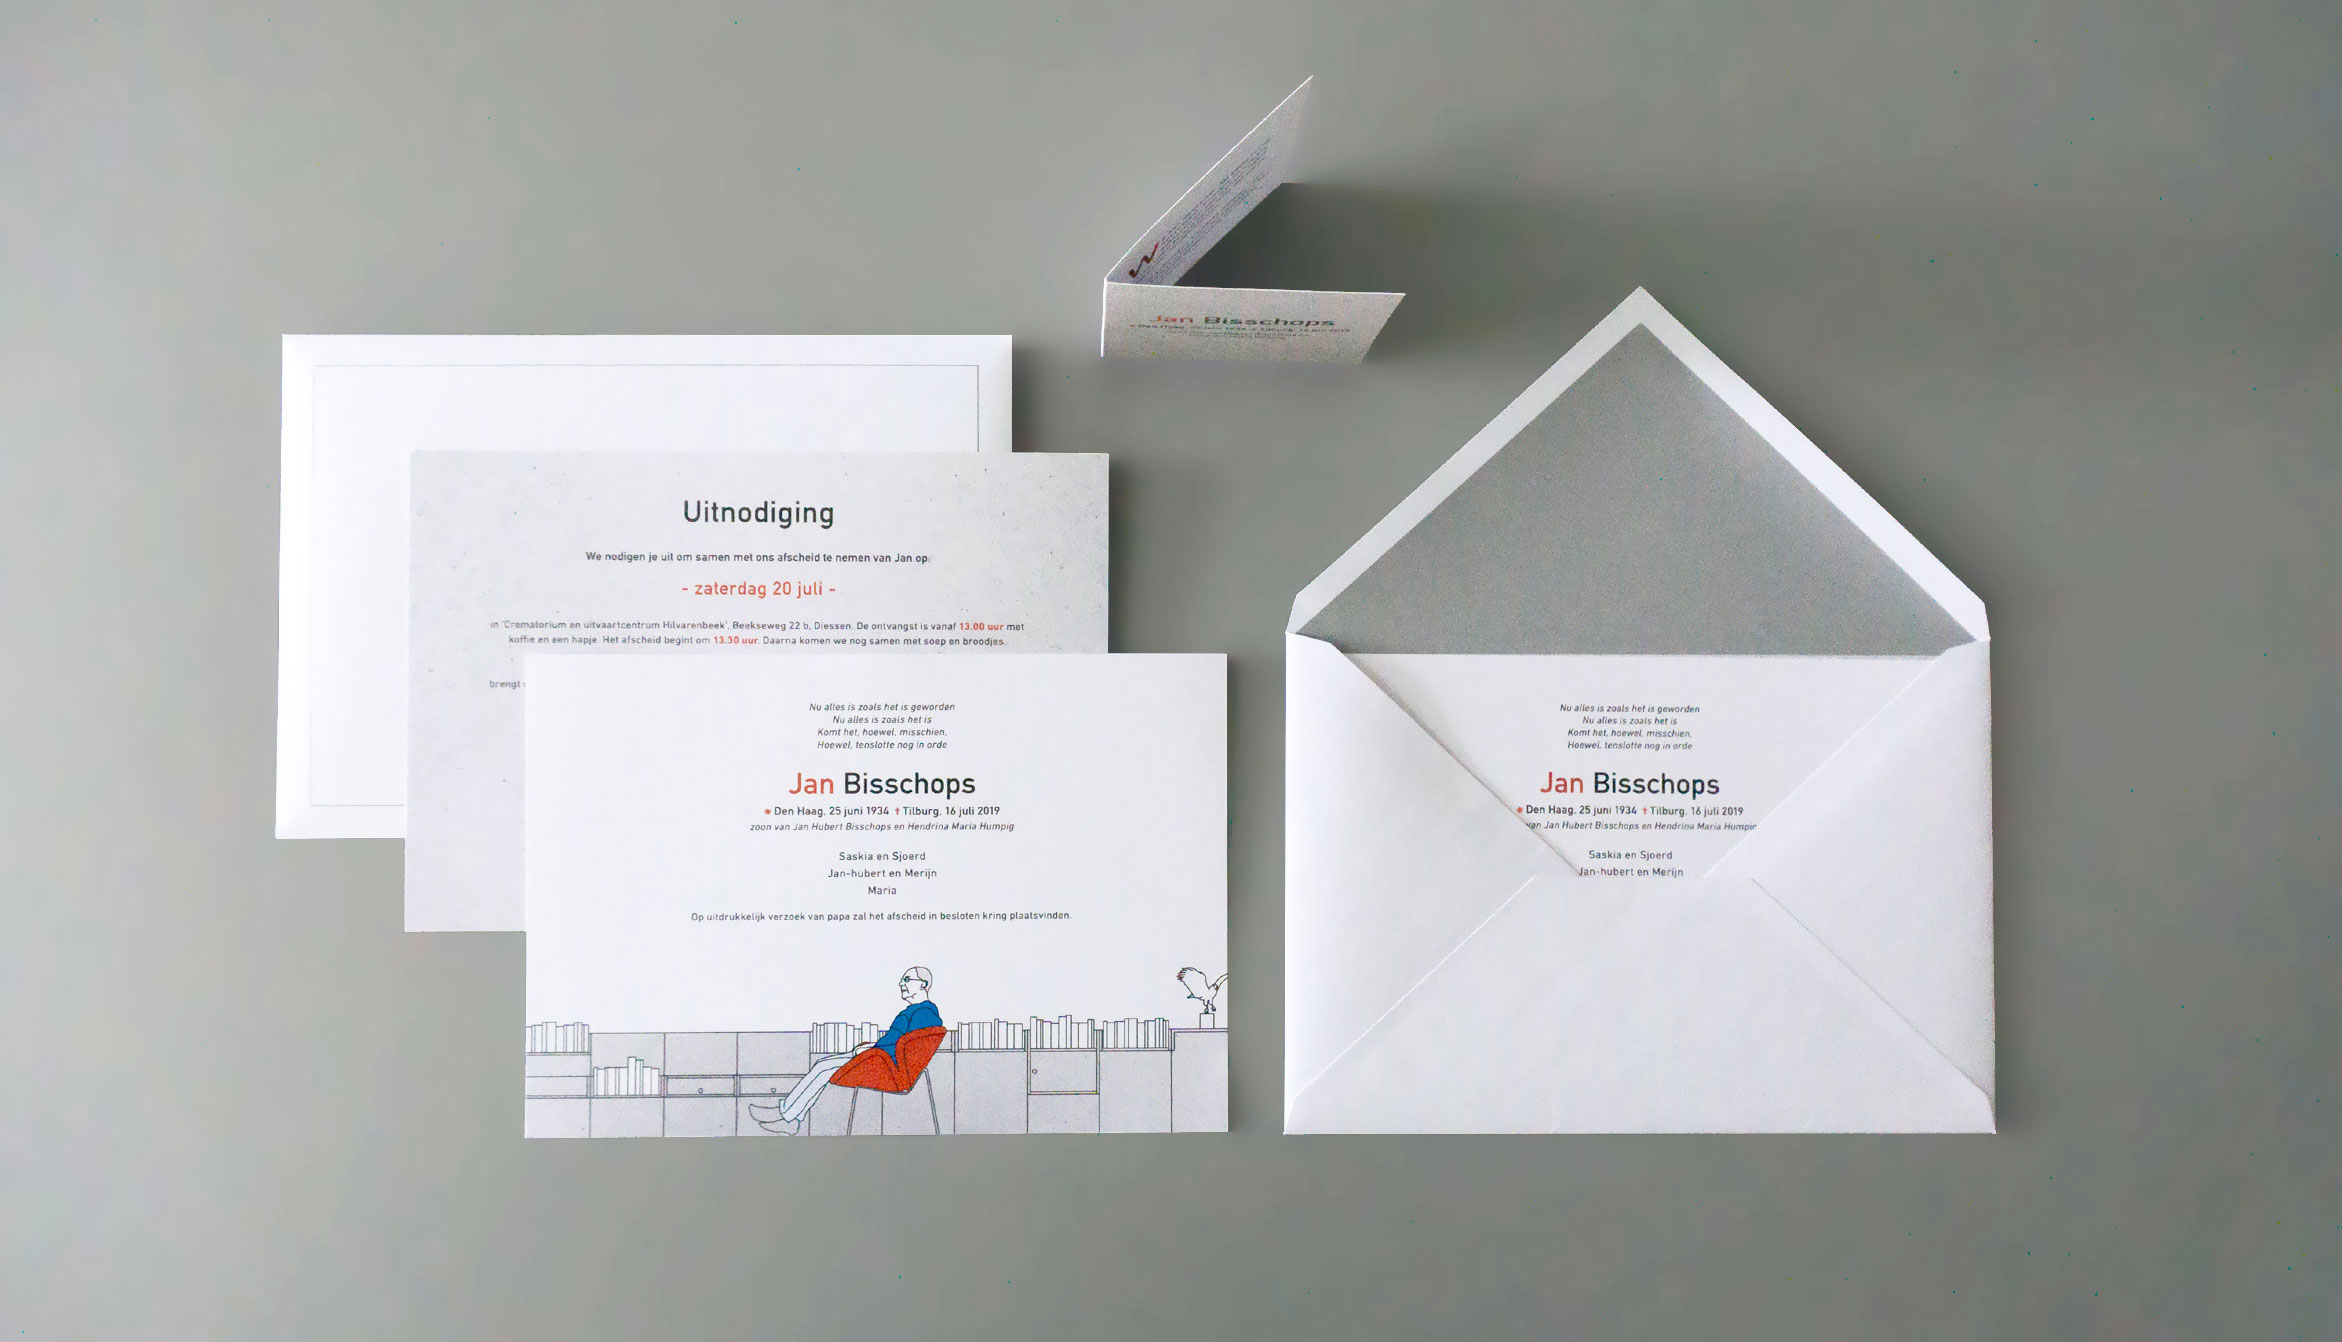 Rouwdrukwerk met illustratie op uitnodiging